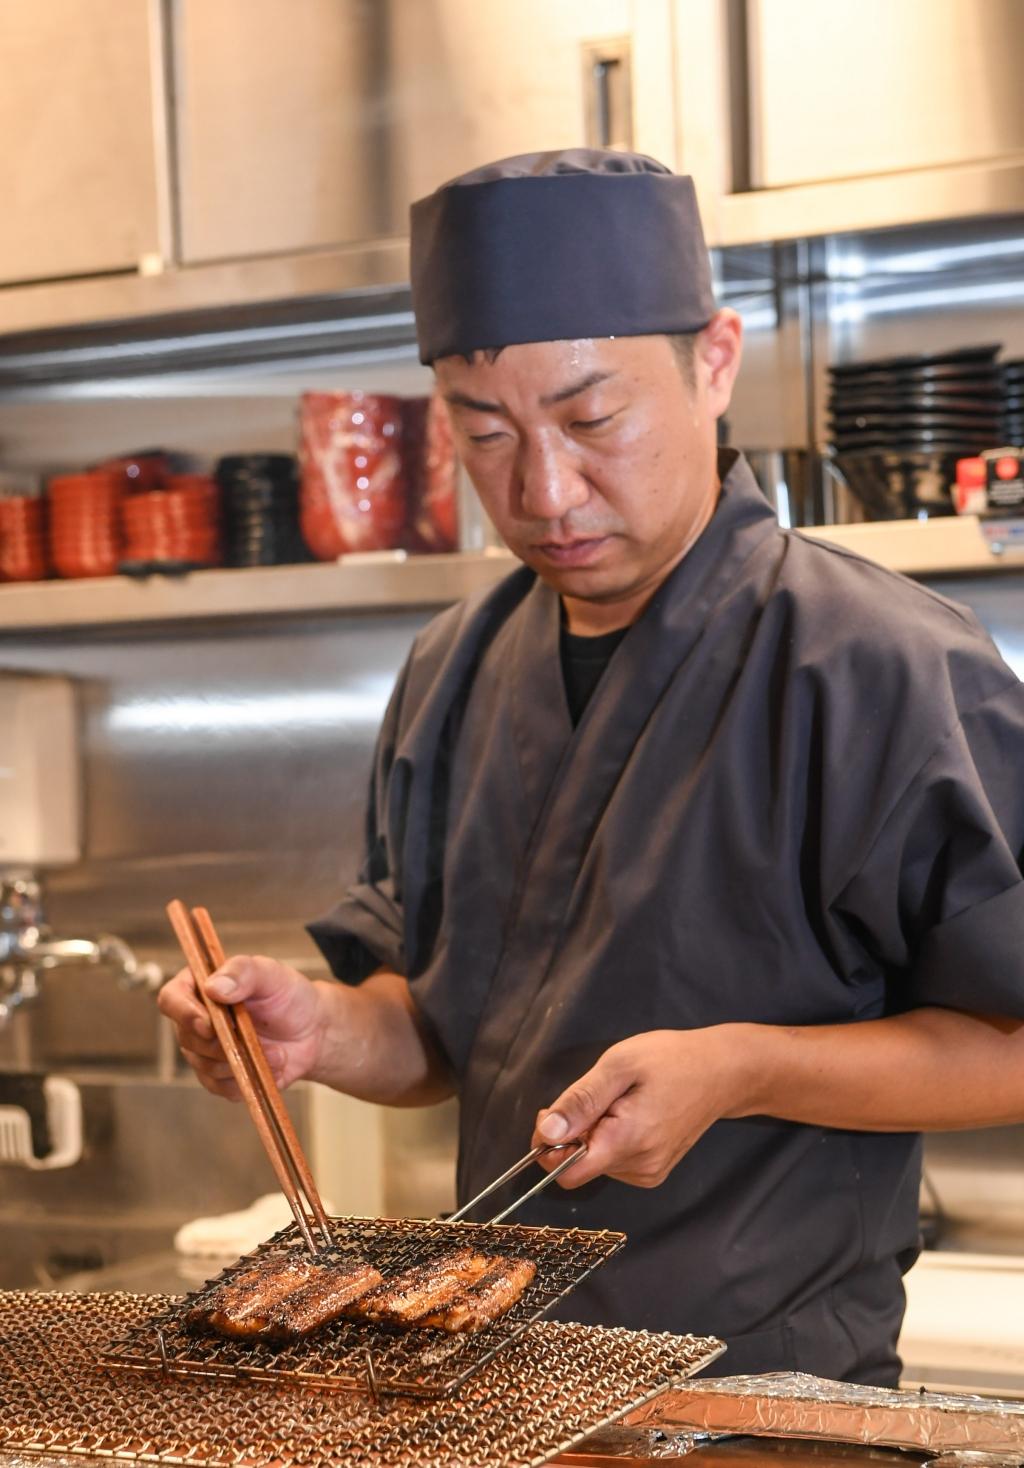 鰻重總本家以職人的堅持與心血打造出豐腴軟嫩的鰻魚滋味